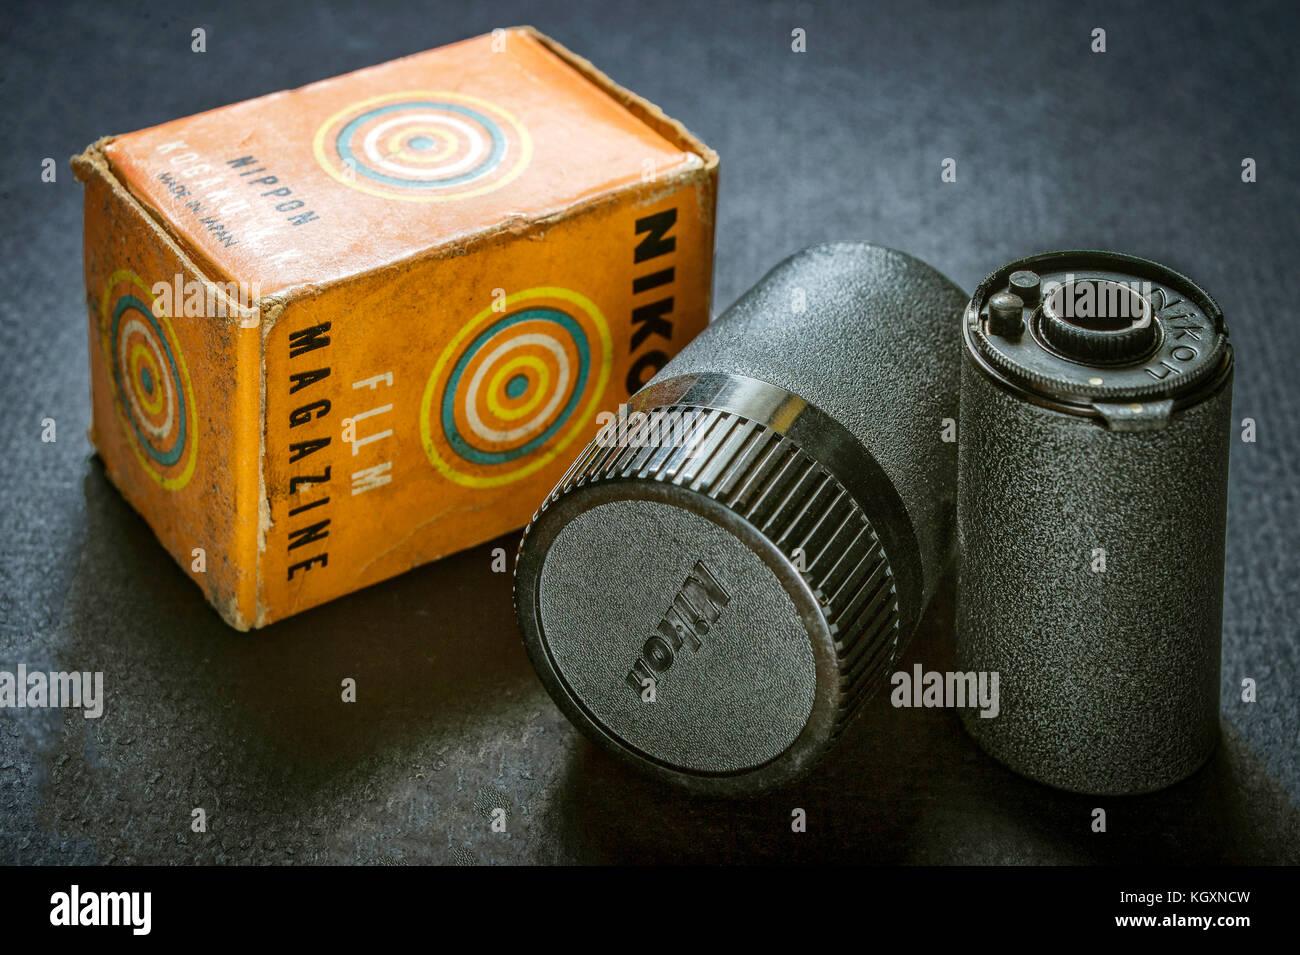 Entfernungsmesser Rangefinder : Rangefinder stockfotos bilder alamy